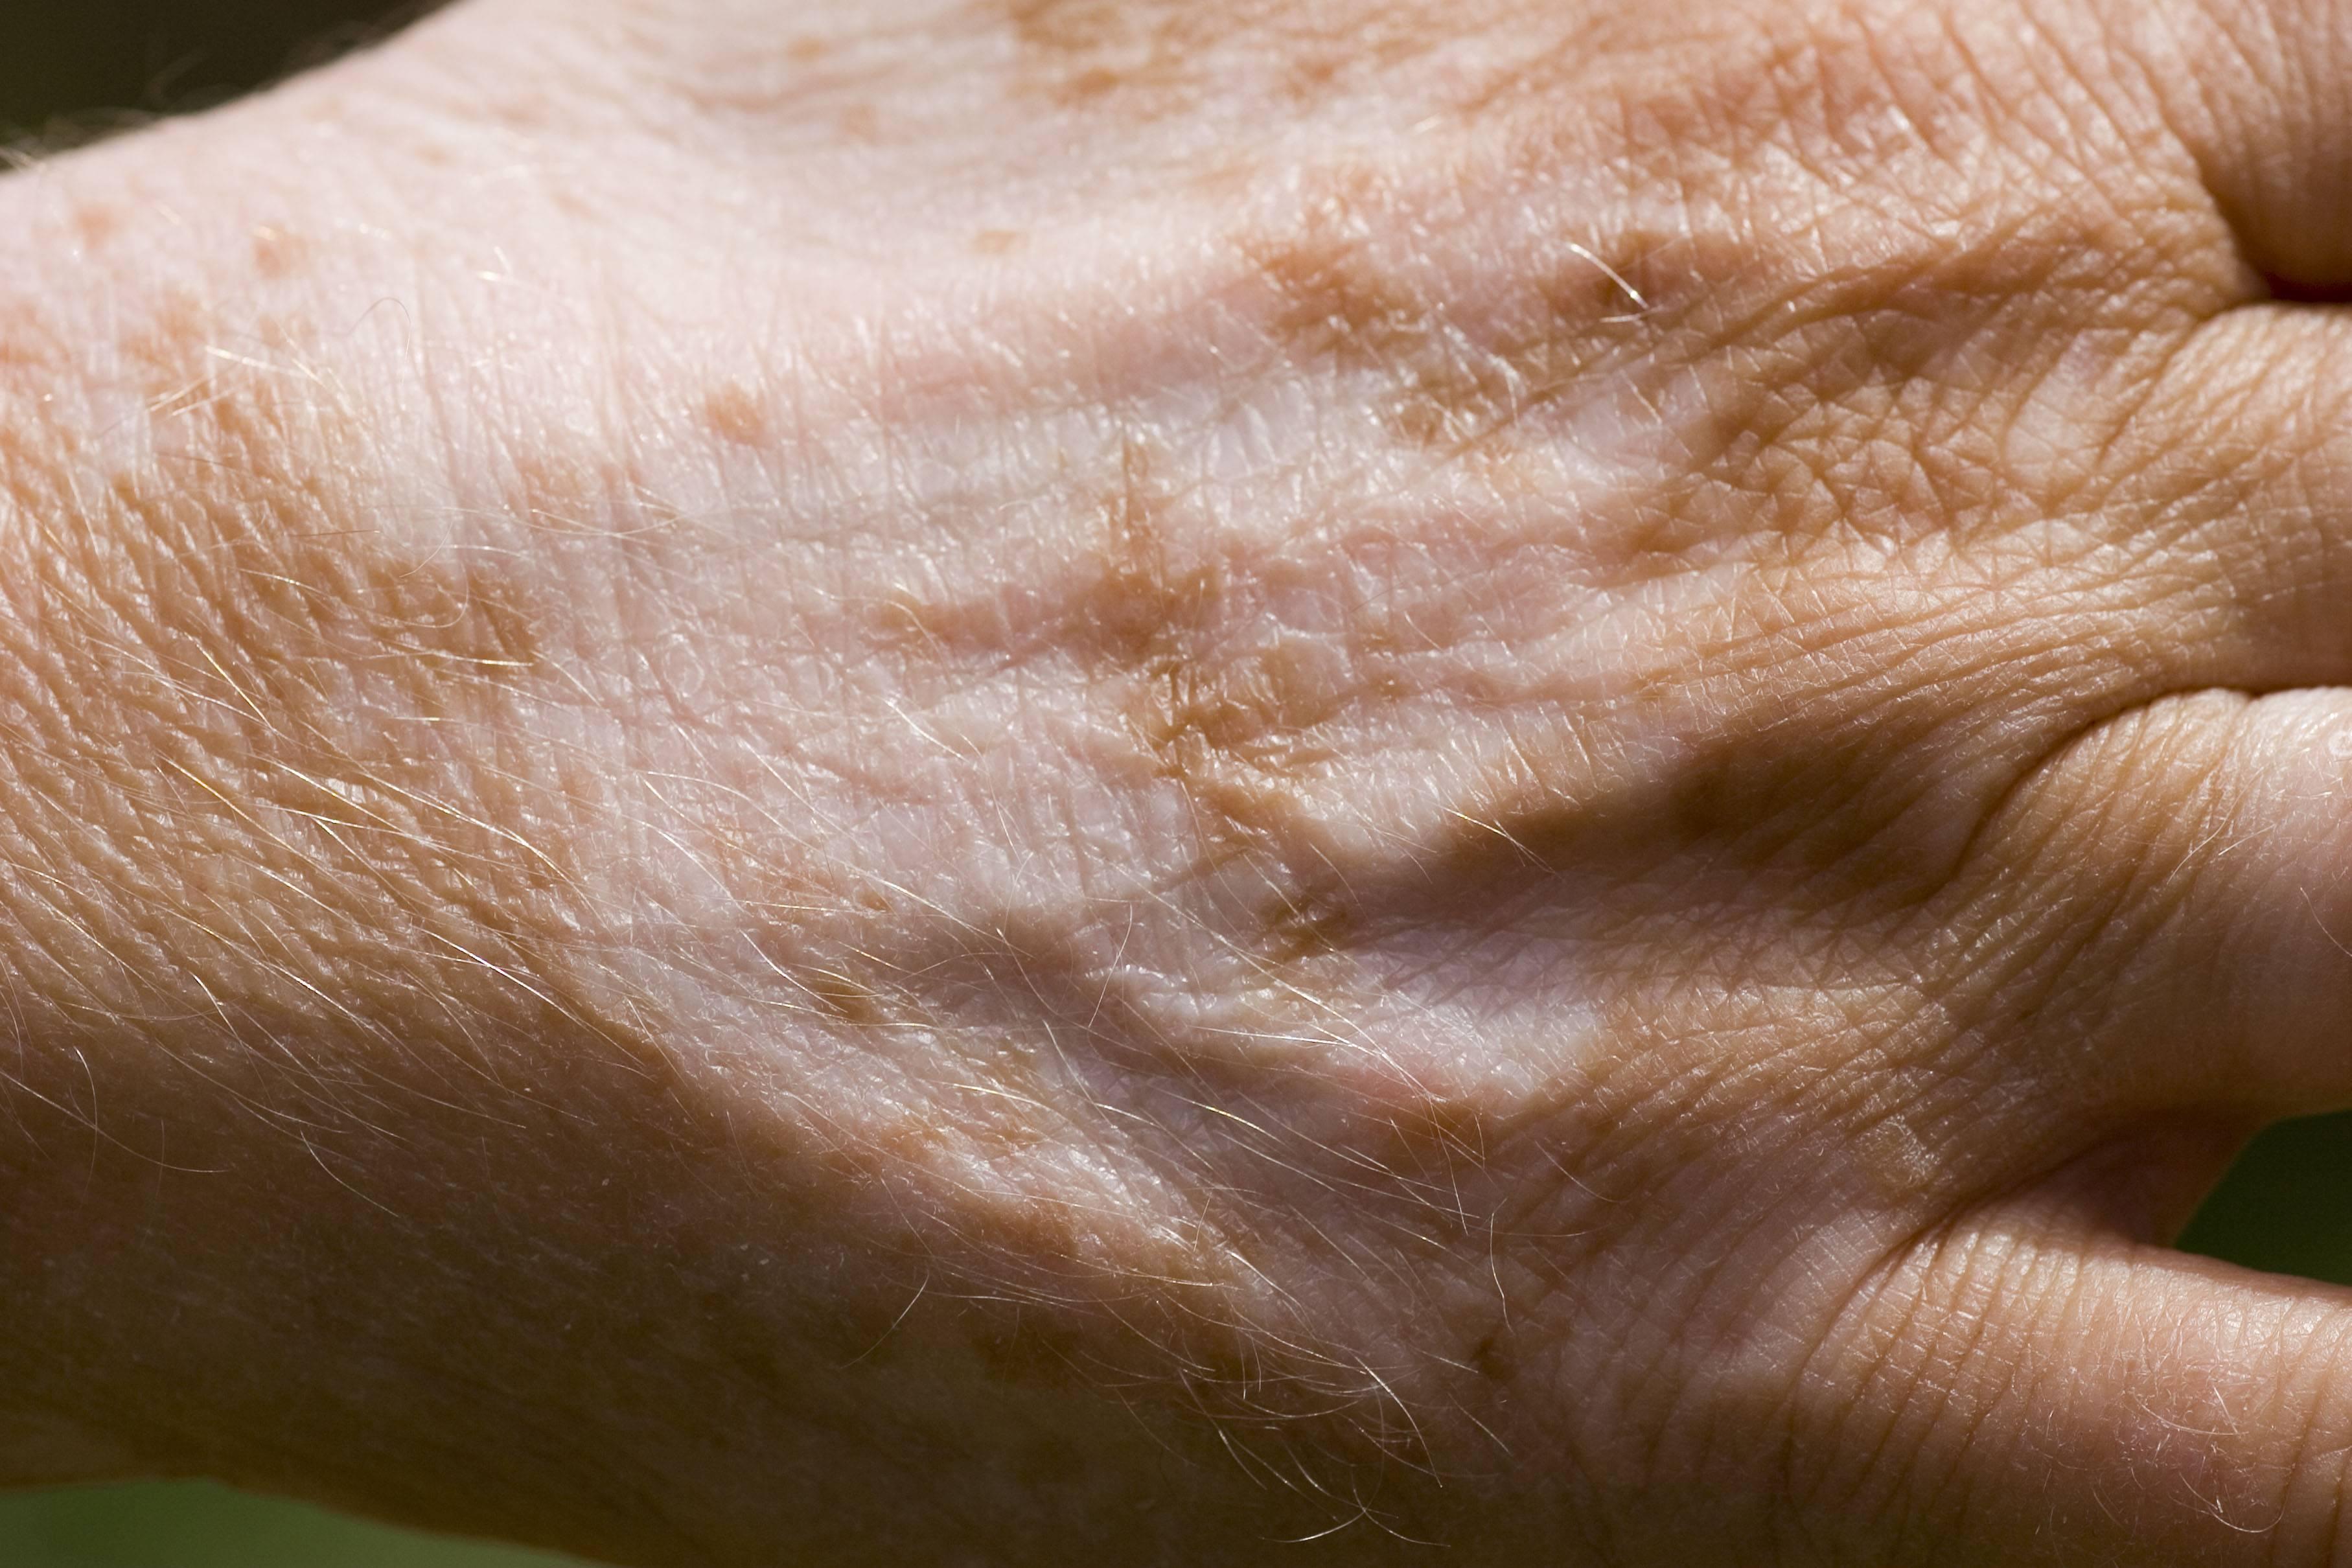 Белые пятна на коже — что это, разновидности, причины появления. как лечить у взрослых и детей